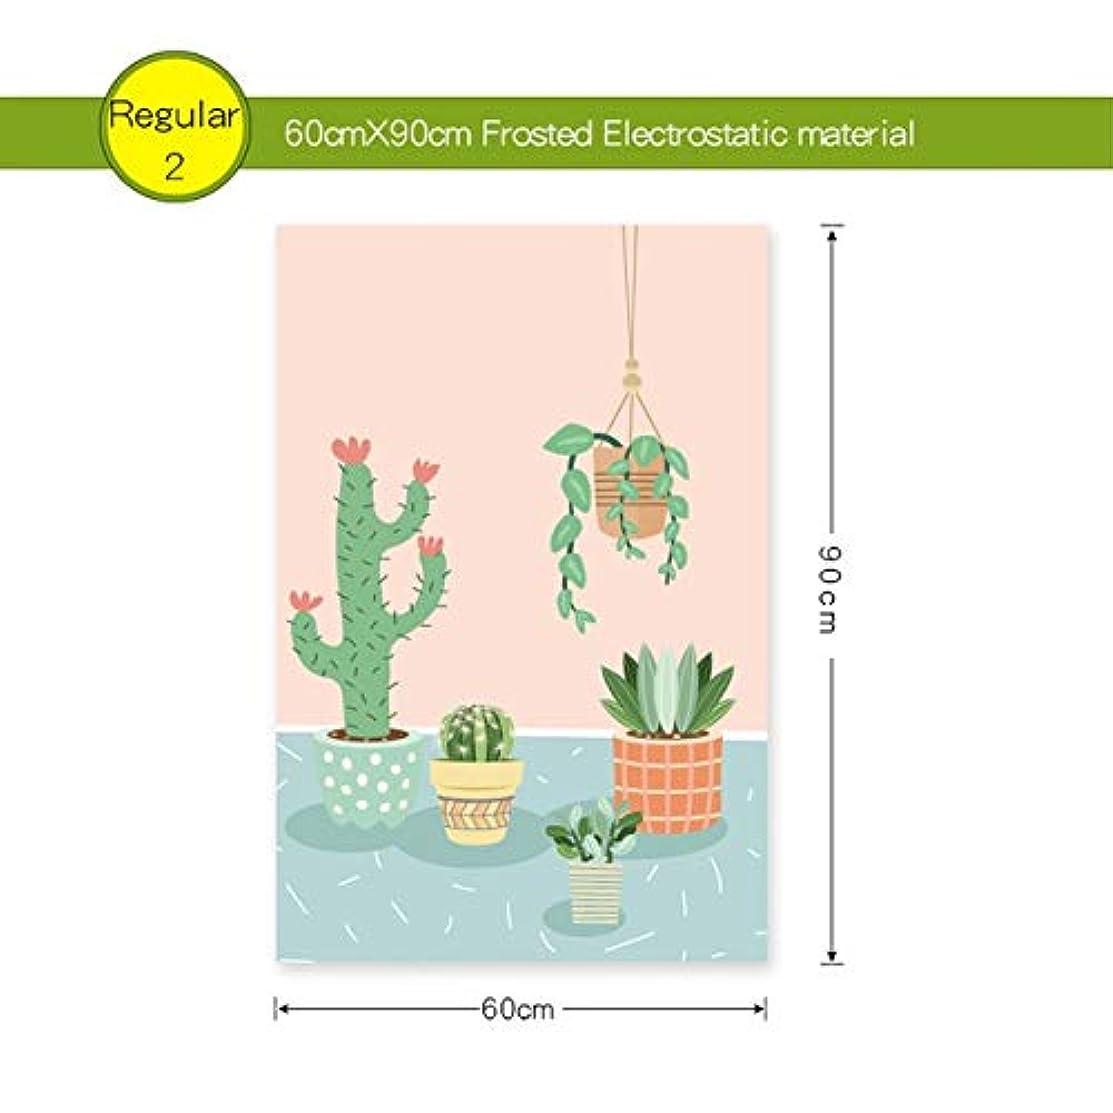 強化野球慎重ステンド静的しがみつくウィンドウフィルムつや消し不透明プライバシーガラスステッカーホームデコレーションデジタルフレッシュグリーン植物を印刷します (Color : 60x90cm)